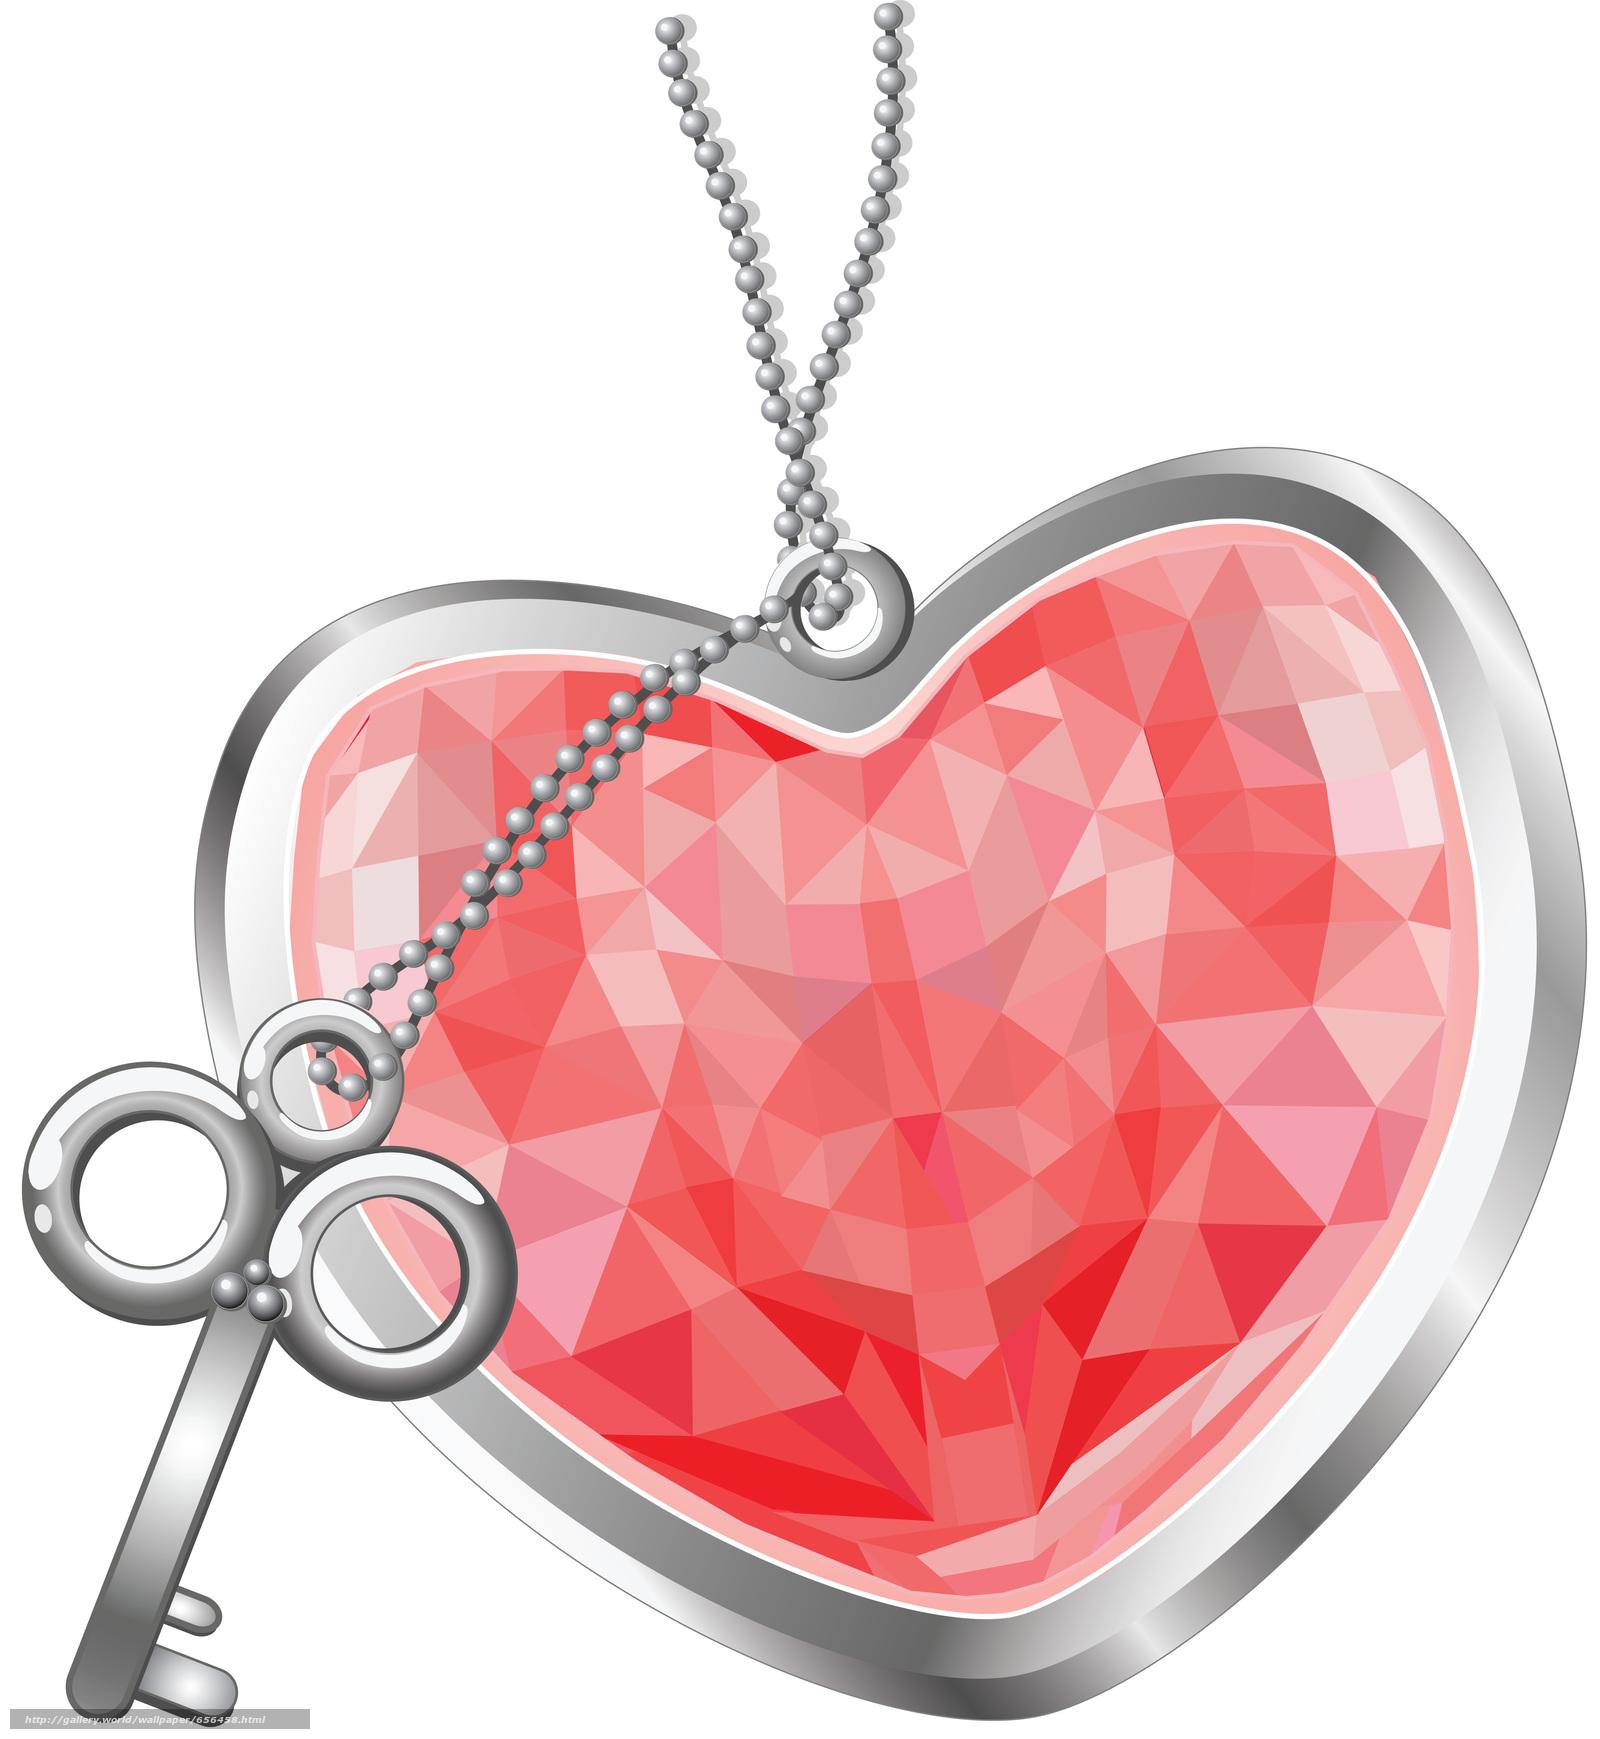 pobra tapety Valentine,  Walentynki,  święto,  serce Darmowe tapety na pulpit rozdzielczoci 5112x5555 — zdjcie №656458